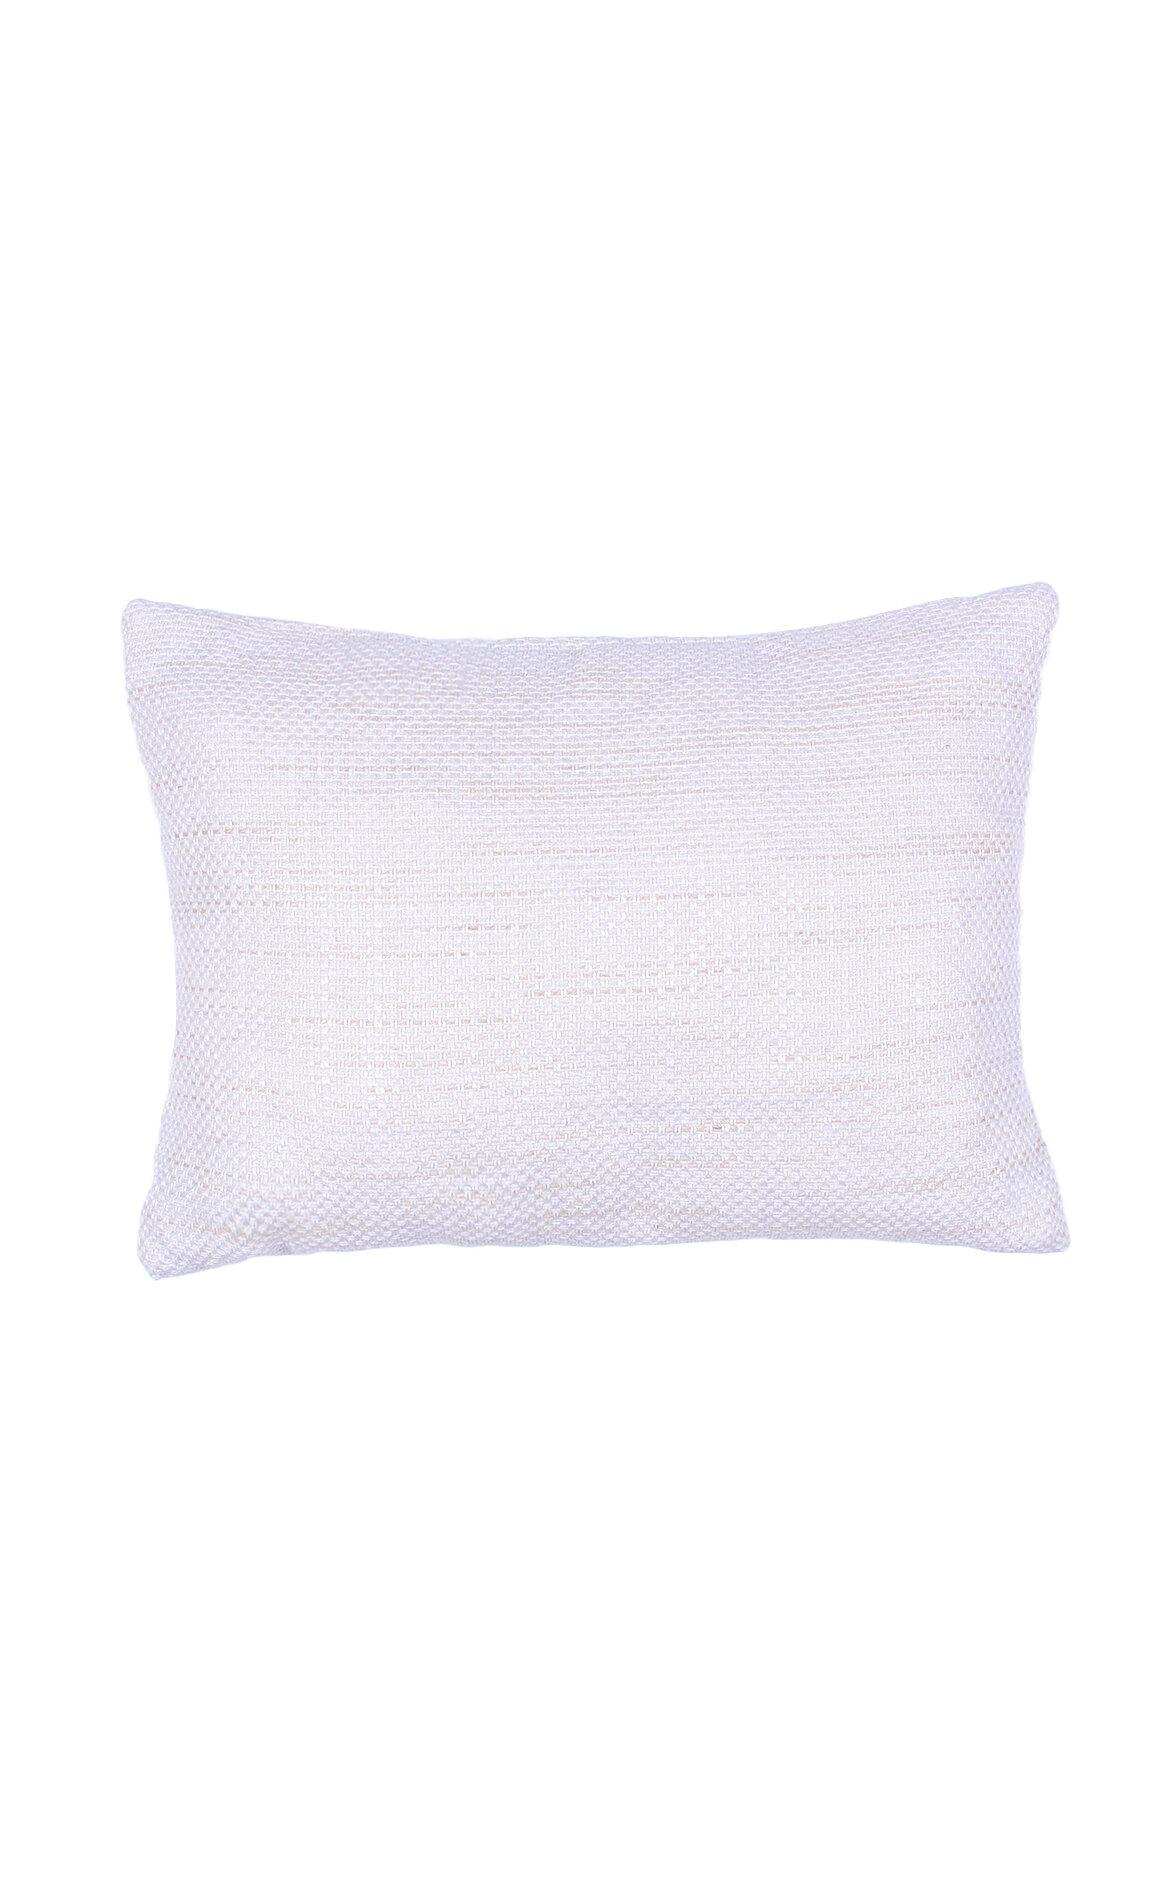 Laura Ashley-Laura Ashley Wvn Dobby Dalton Off White 30X40 cm Dekoratif Yastık